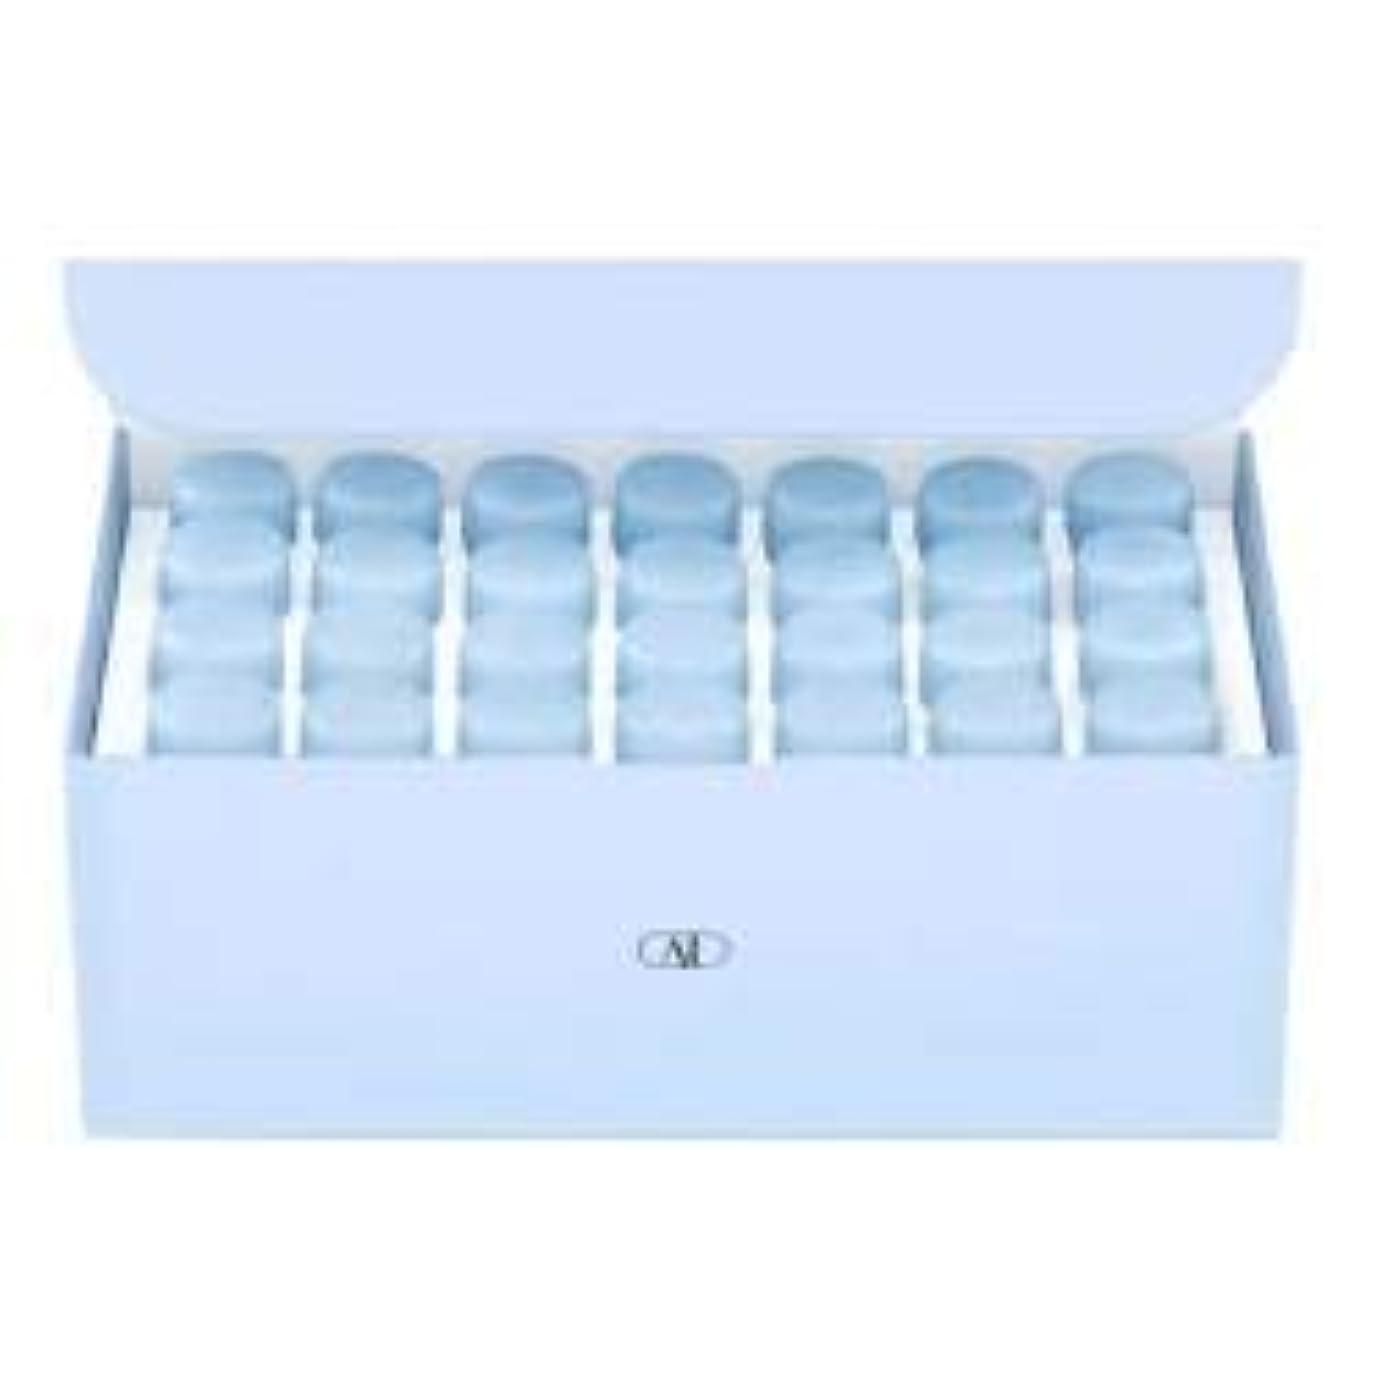 テキスト感謝するタックルアルビオン エクサージュホワイト ホワイトニング ピュア チャージャー(1.0ml×28本)<医薬部外品>